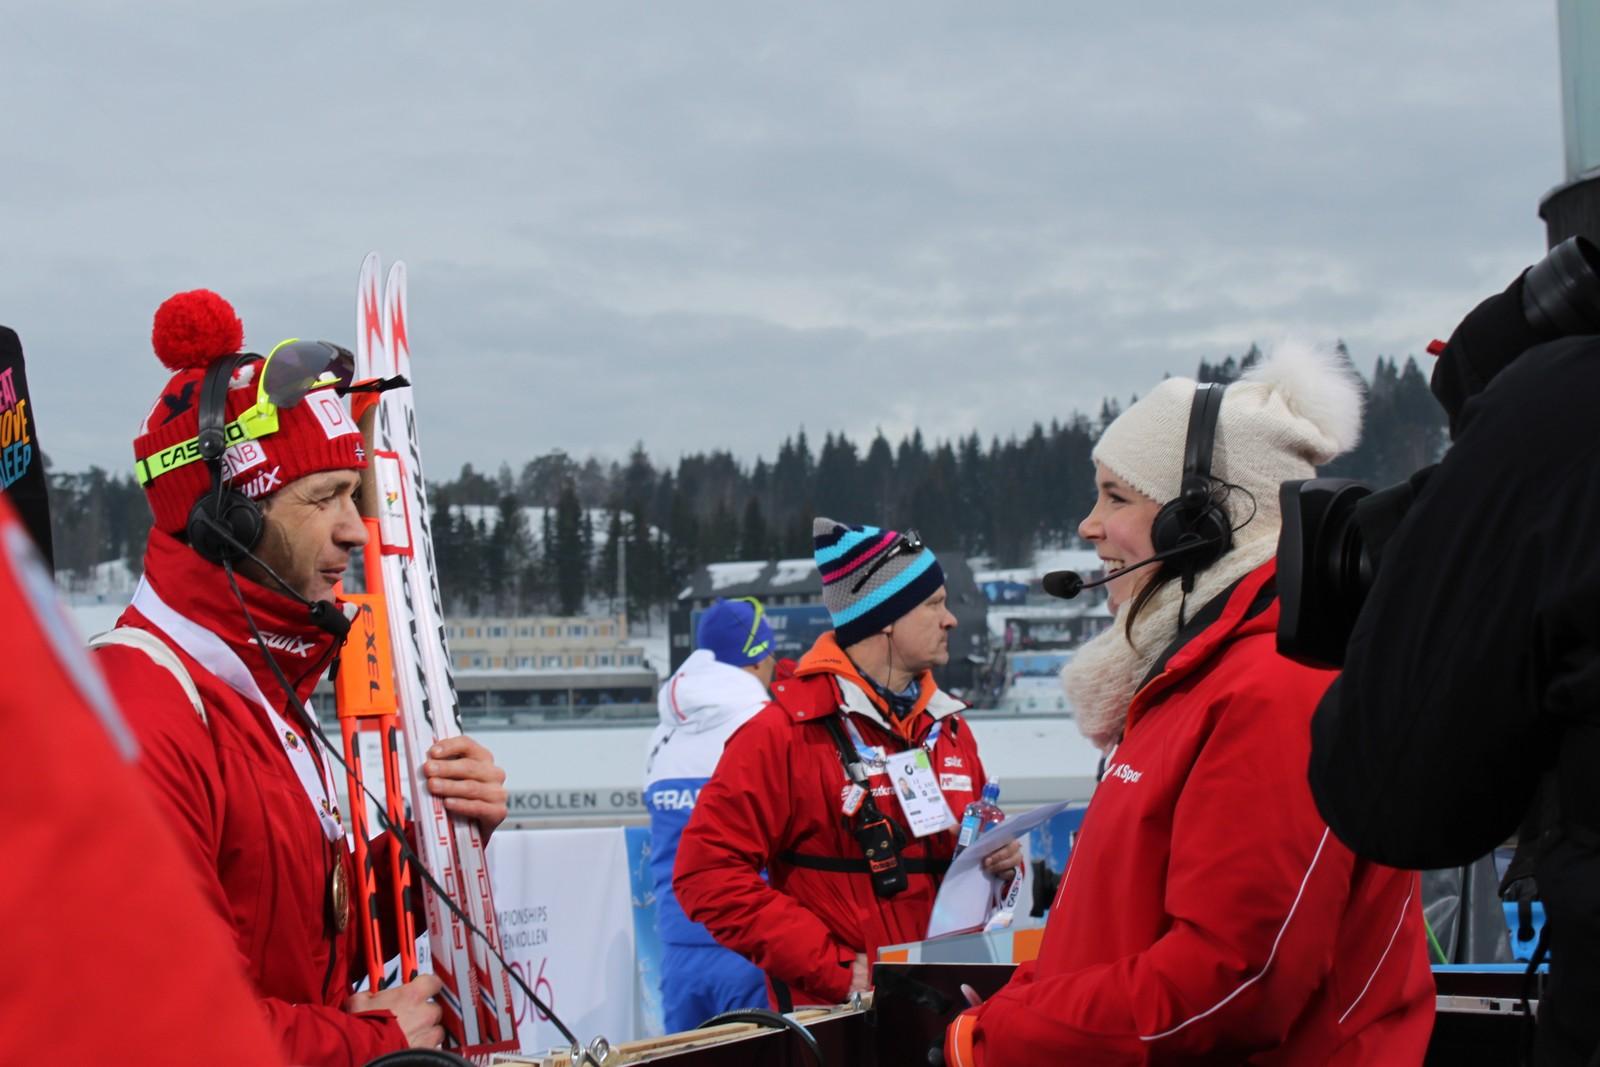 Bronze medallist Ole Einar Bjørndalen with NRK mixed zone anchor Ida Nysæter Rasch.